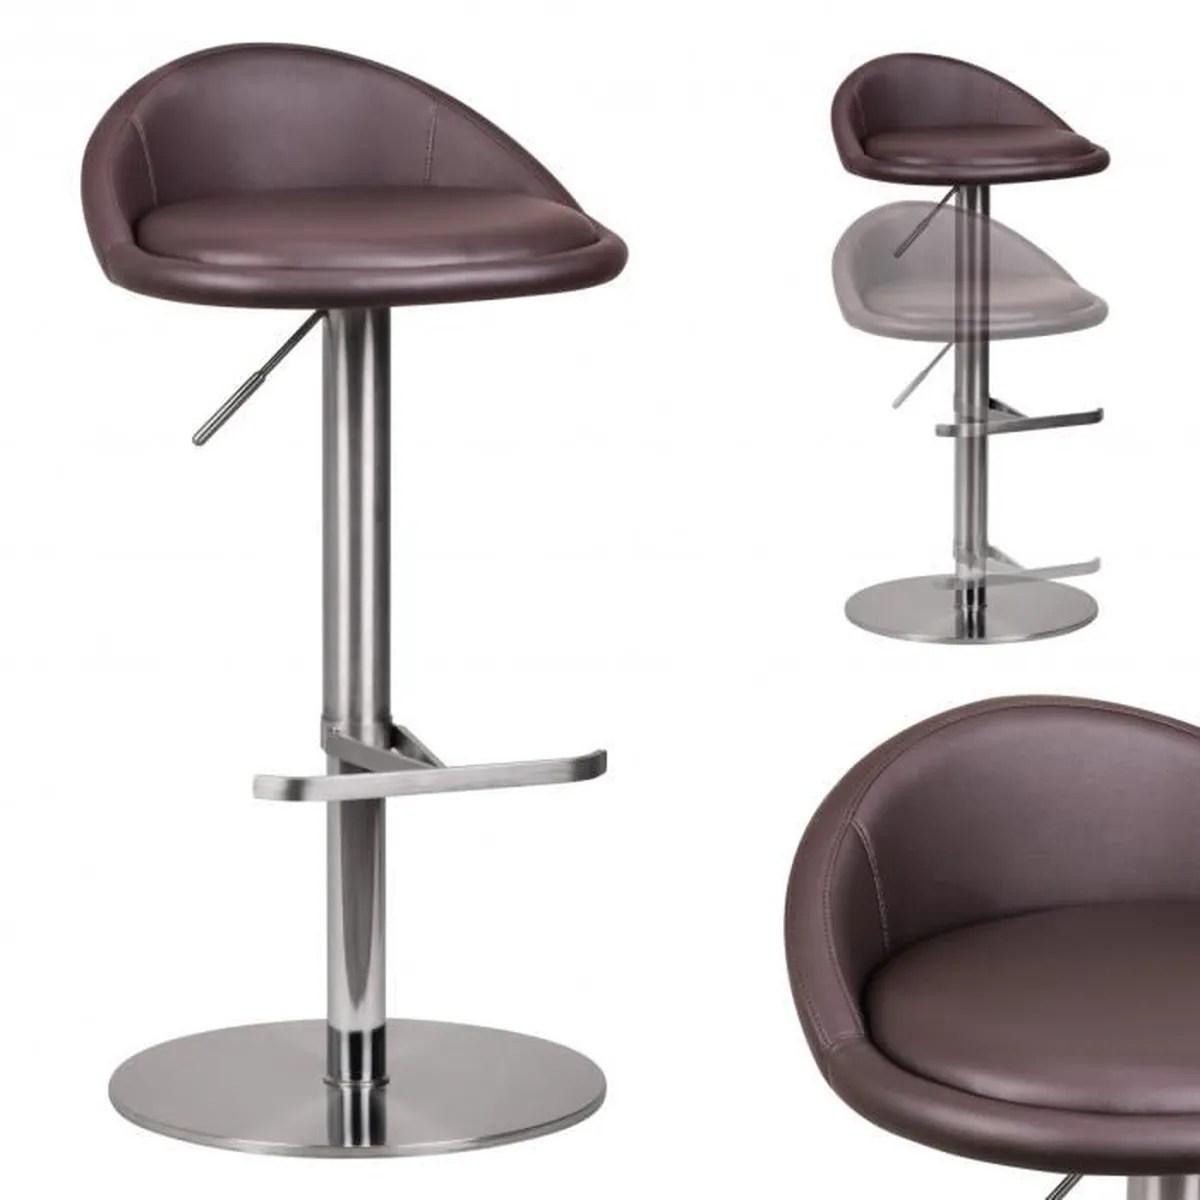 Wohnling Acier Inoxydable Durable M1 Barstool Brun Chaise Tabouret Bar Contemporain Design Reglable Est Rotatif